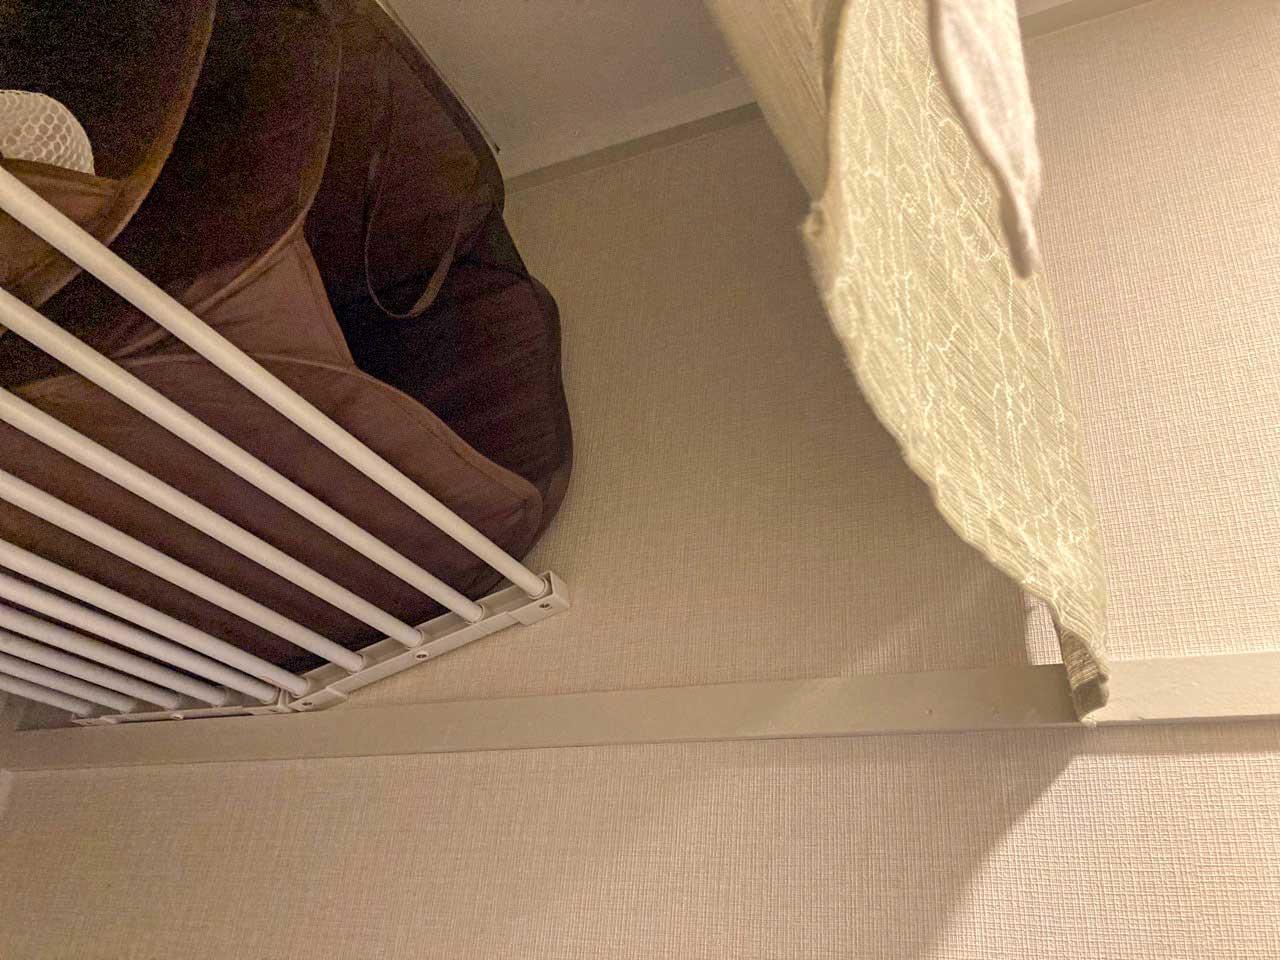 伸ばした部分も棚になっているタイプの突っ張り棚